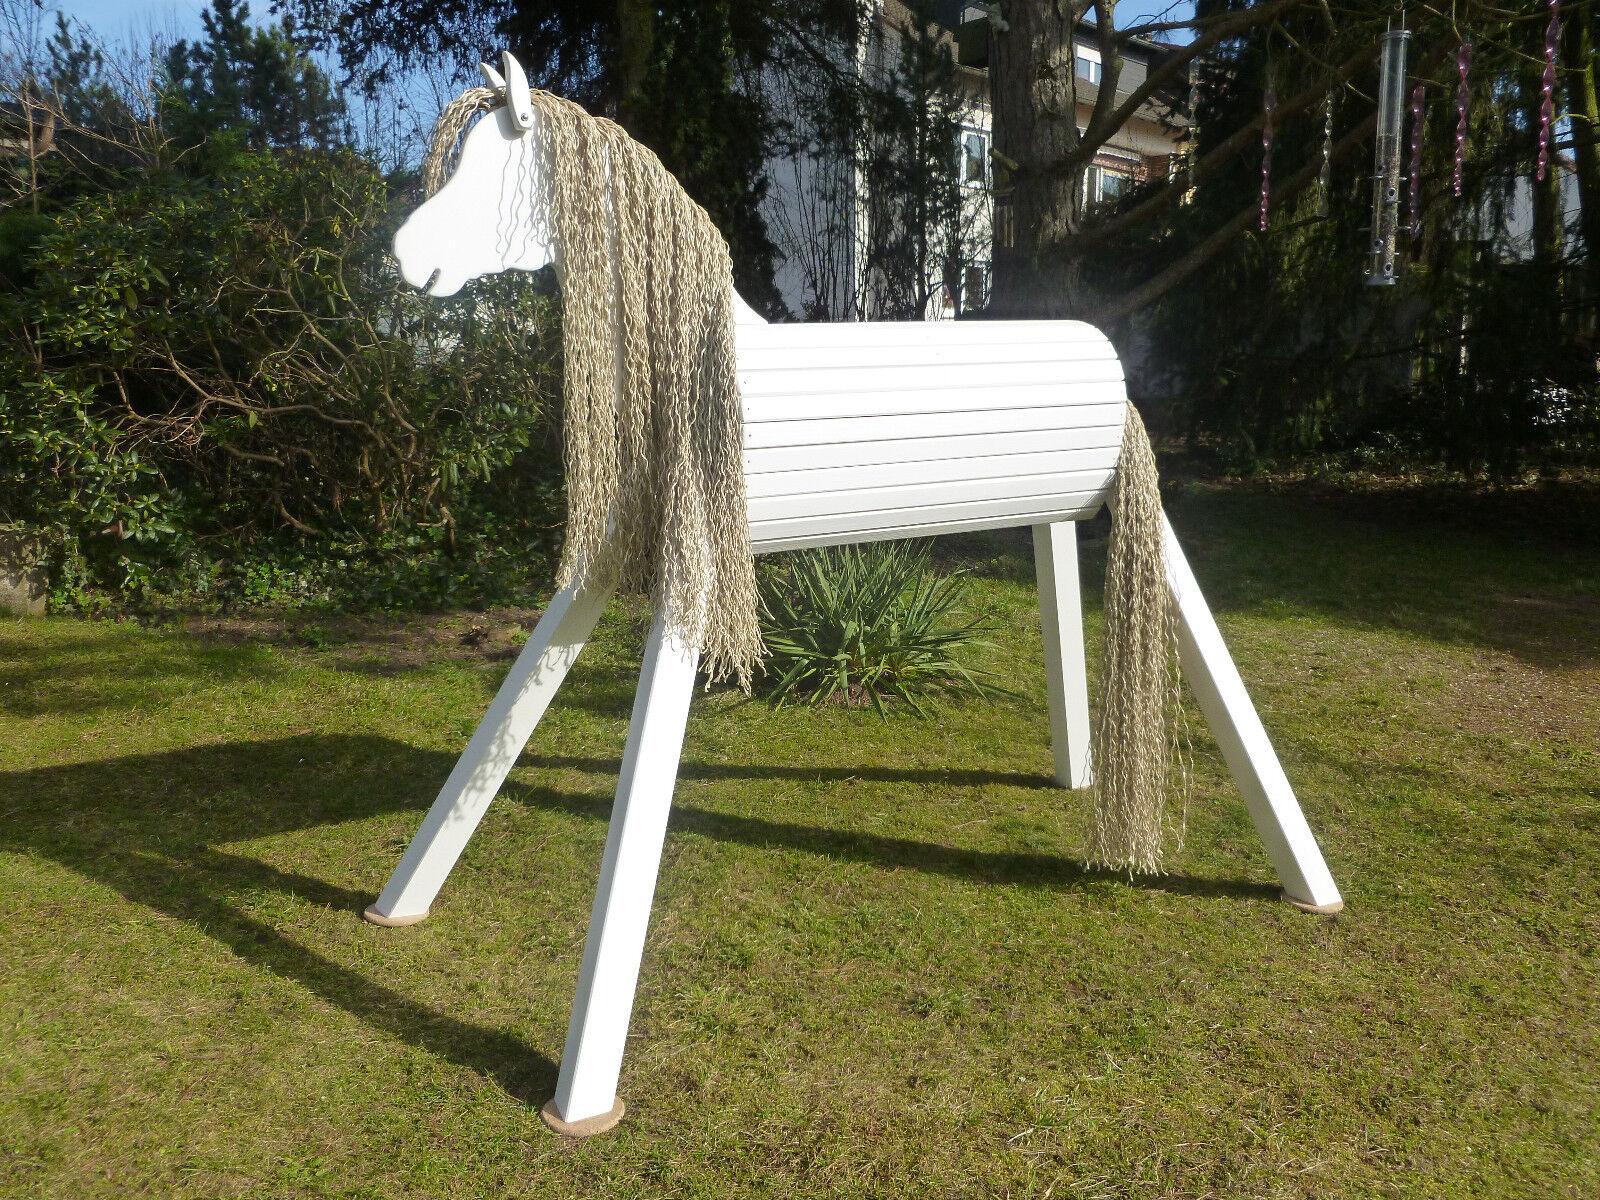 110cm Holzpferd Voltigierpferd Pferd Pony weiß mit Maul wetterfest lasiert